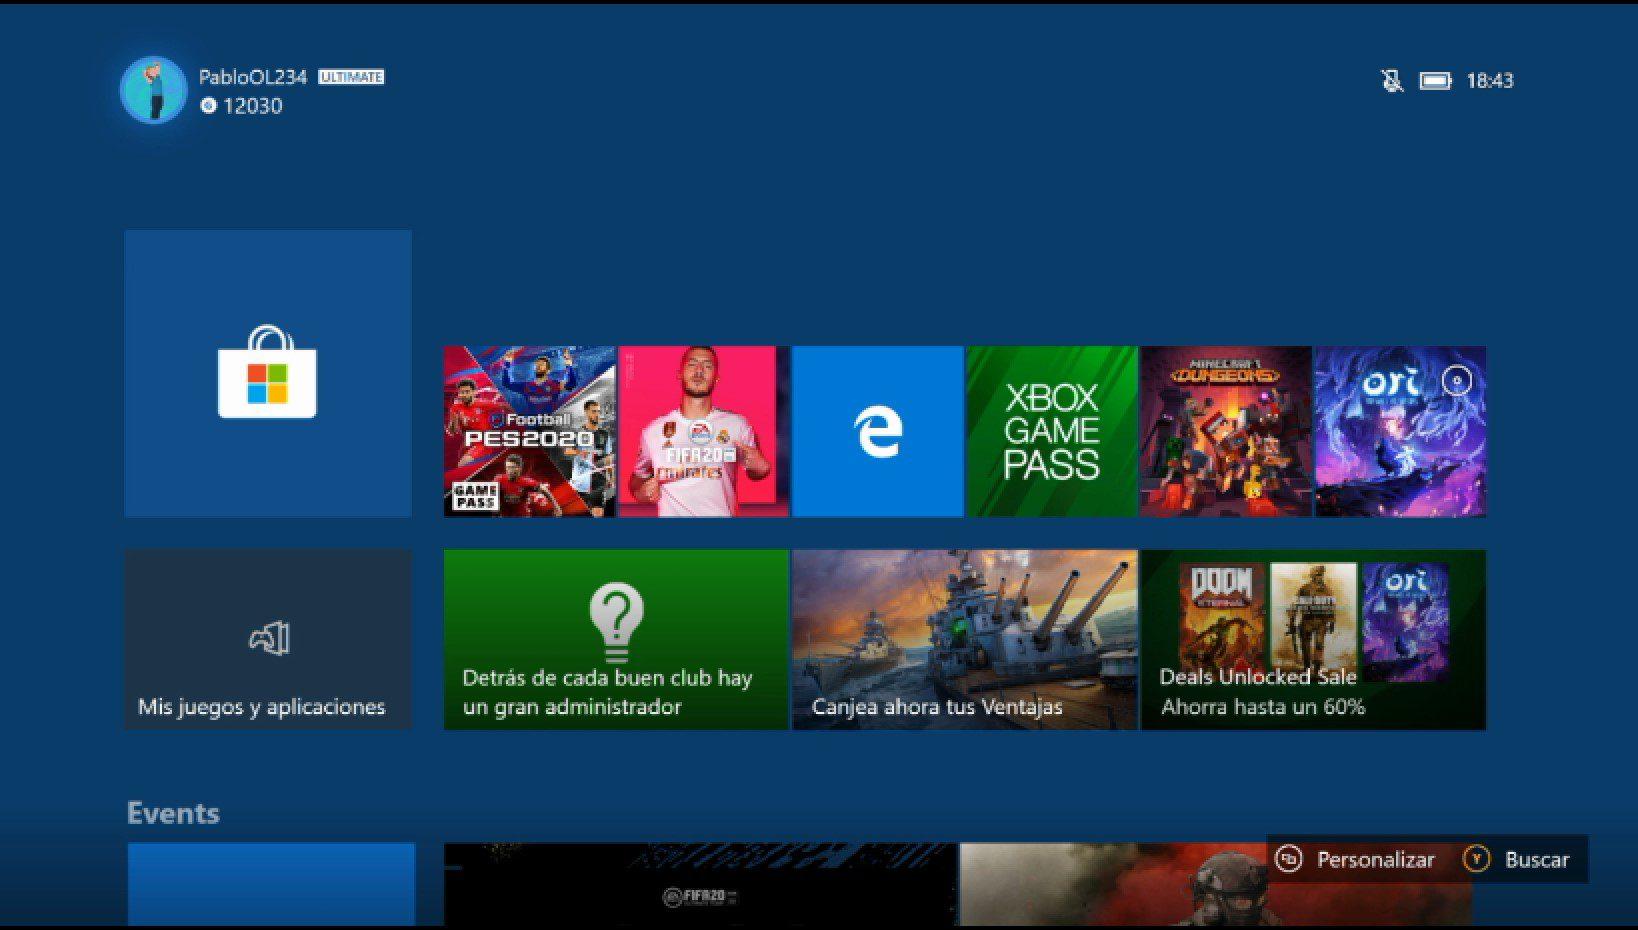 Mejoras del menú Inicio actualización de junio 2020 de Xbox One